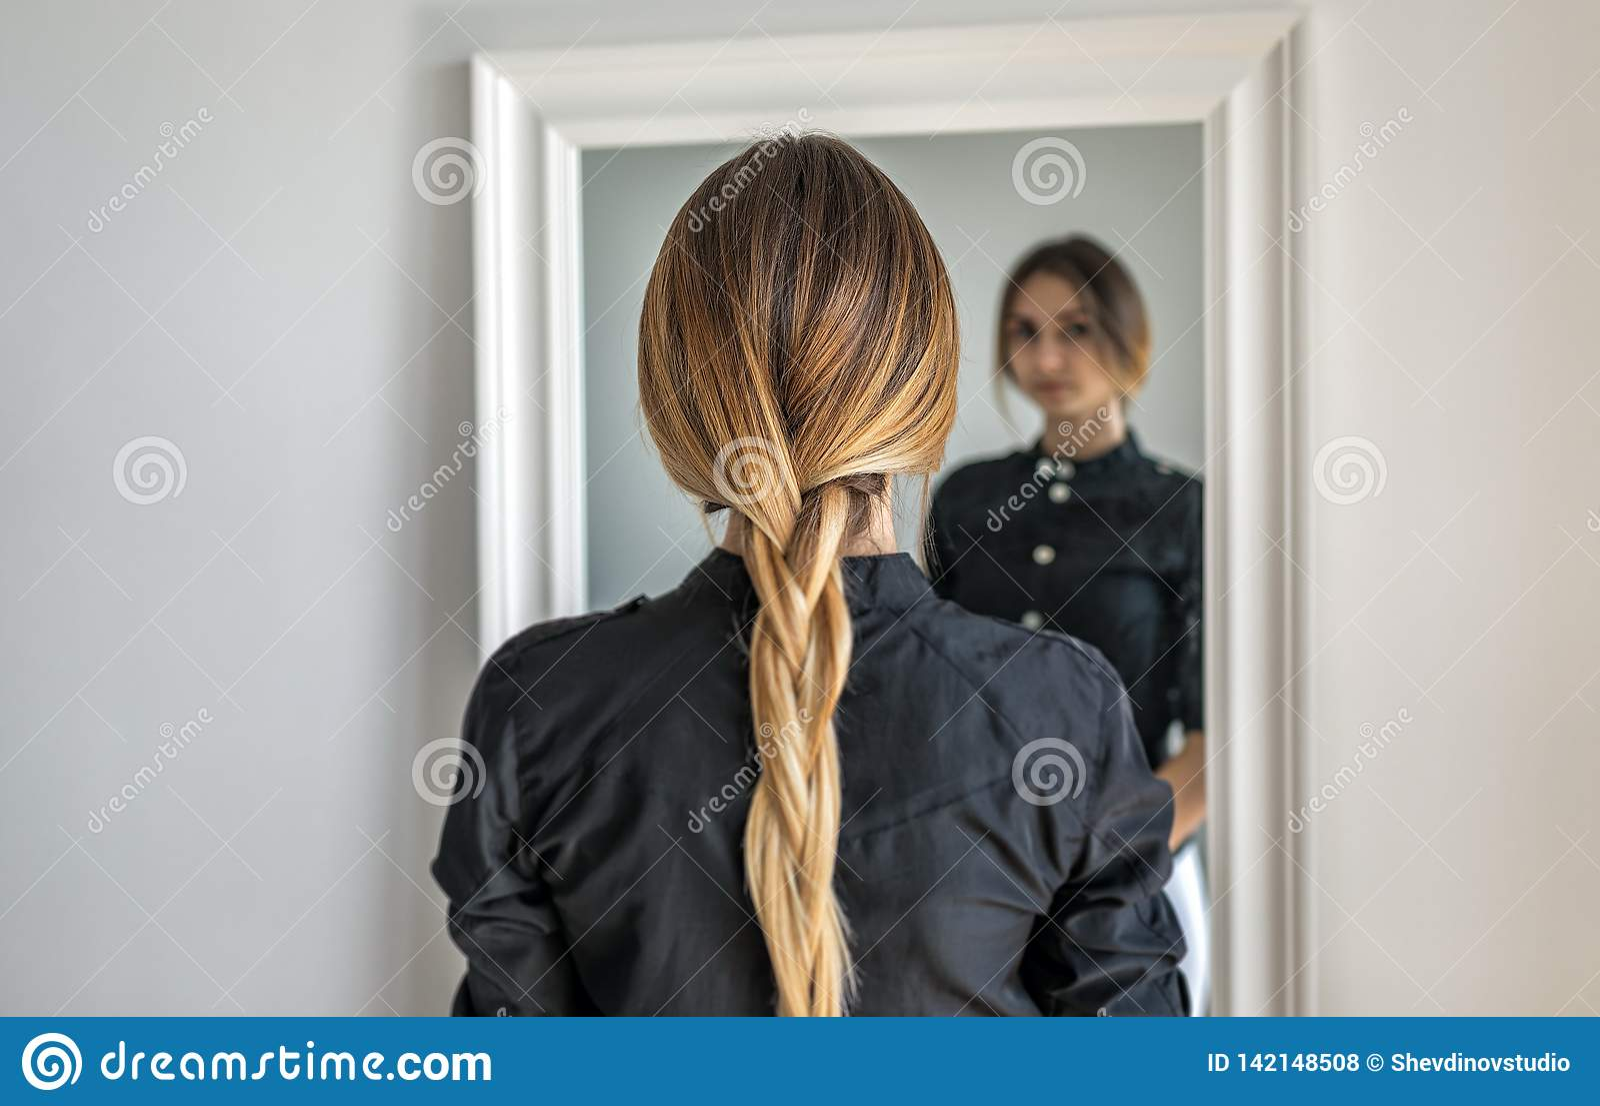 Una ragazza con capelli biondi lunghi intrecciati in una treccia sta stando all interno di fronte allo specchio